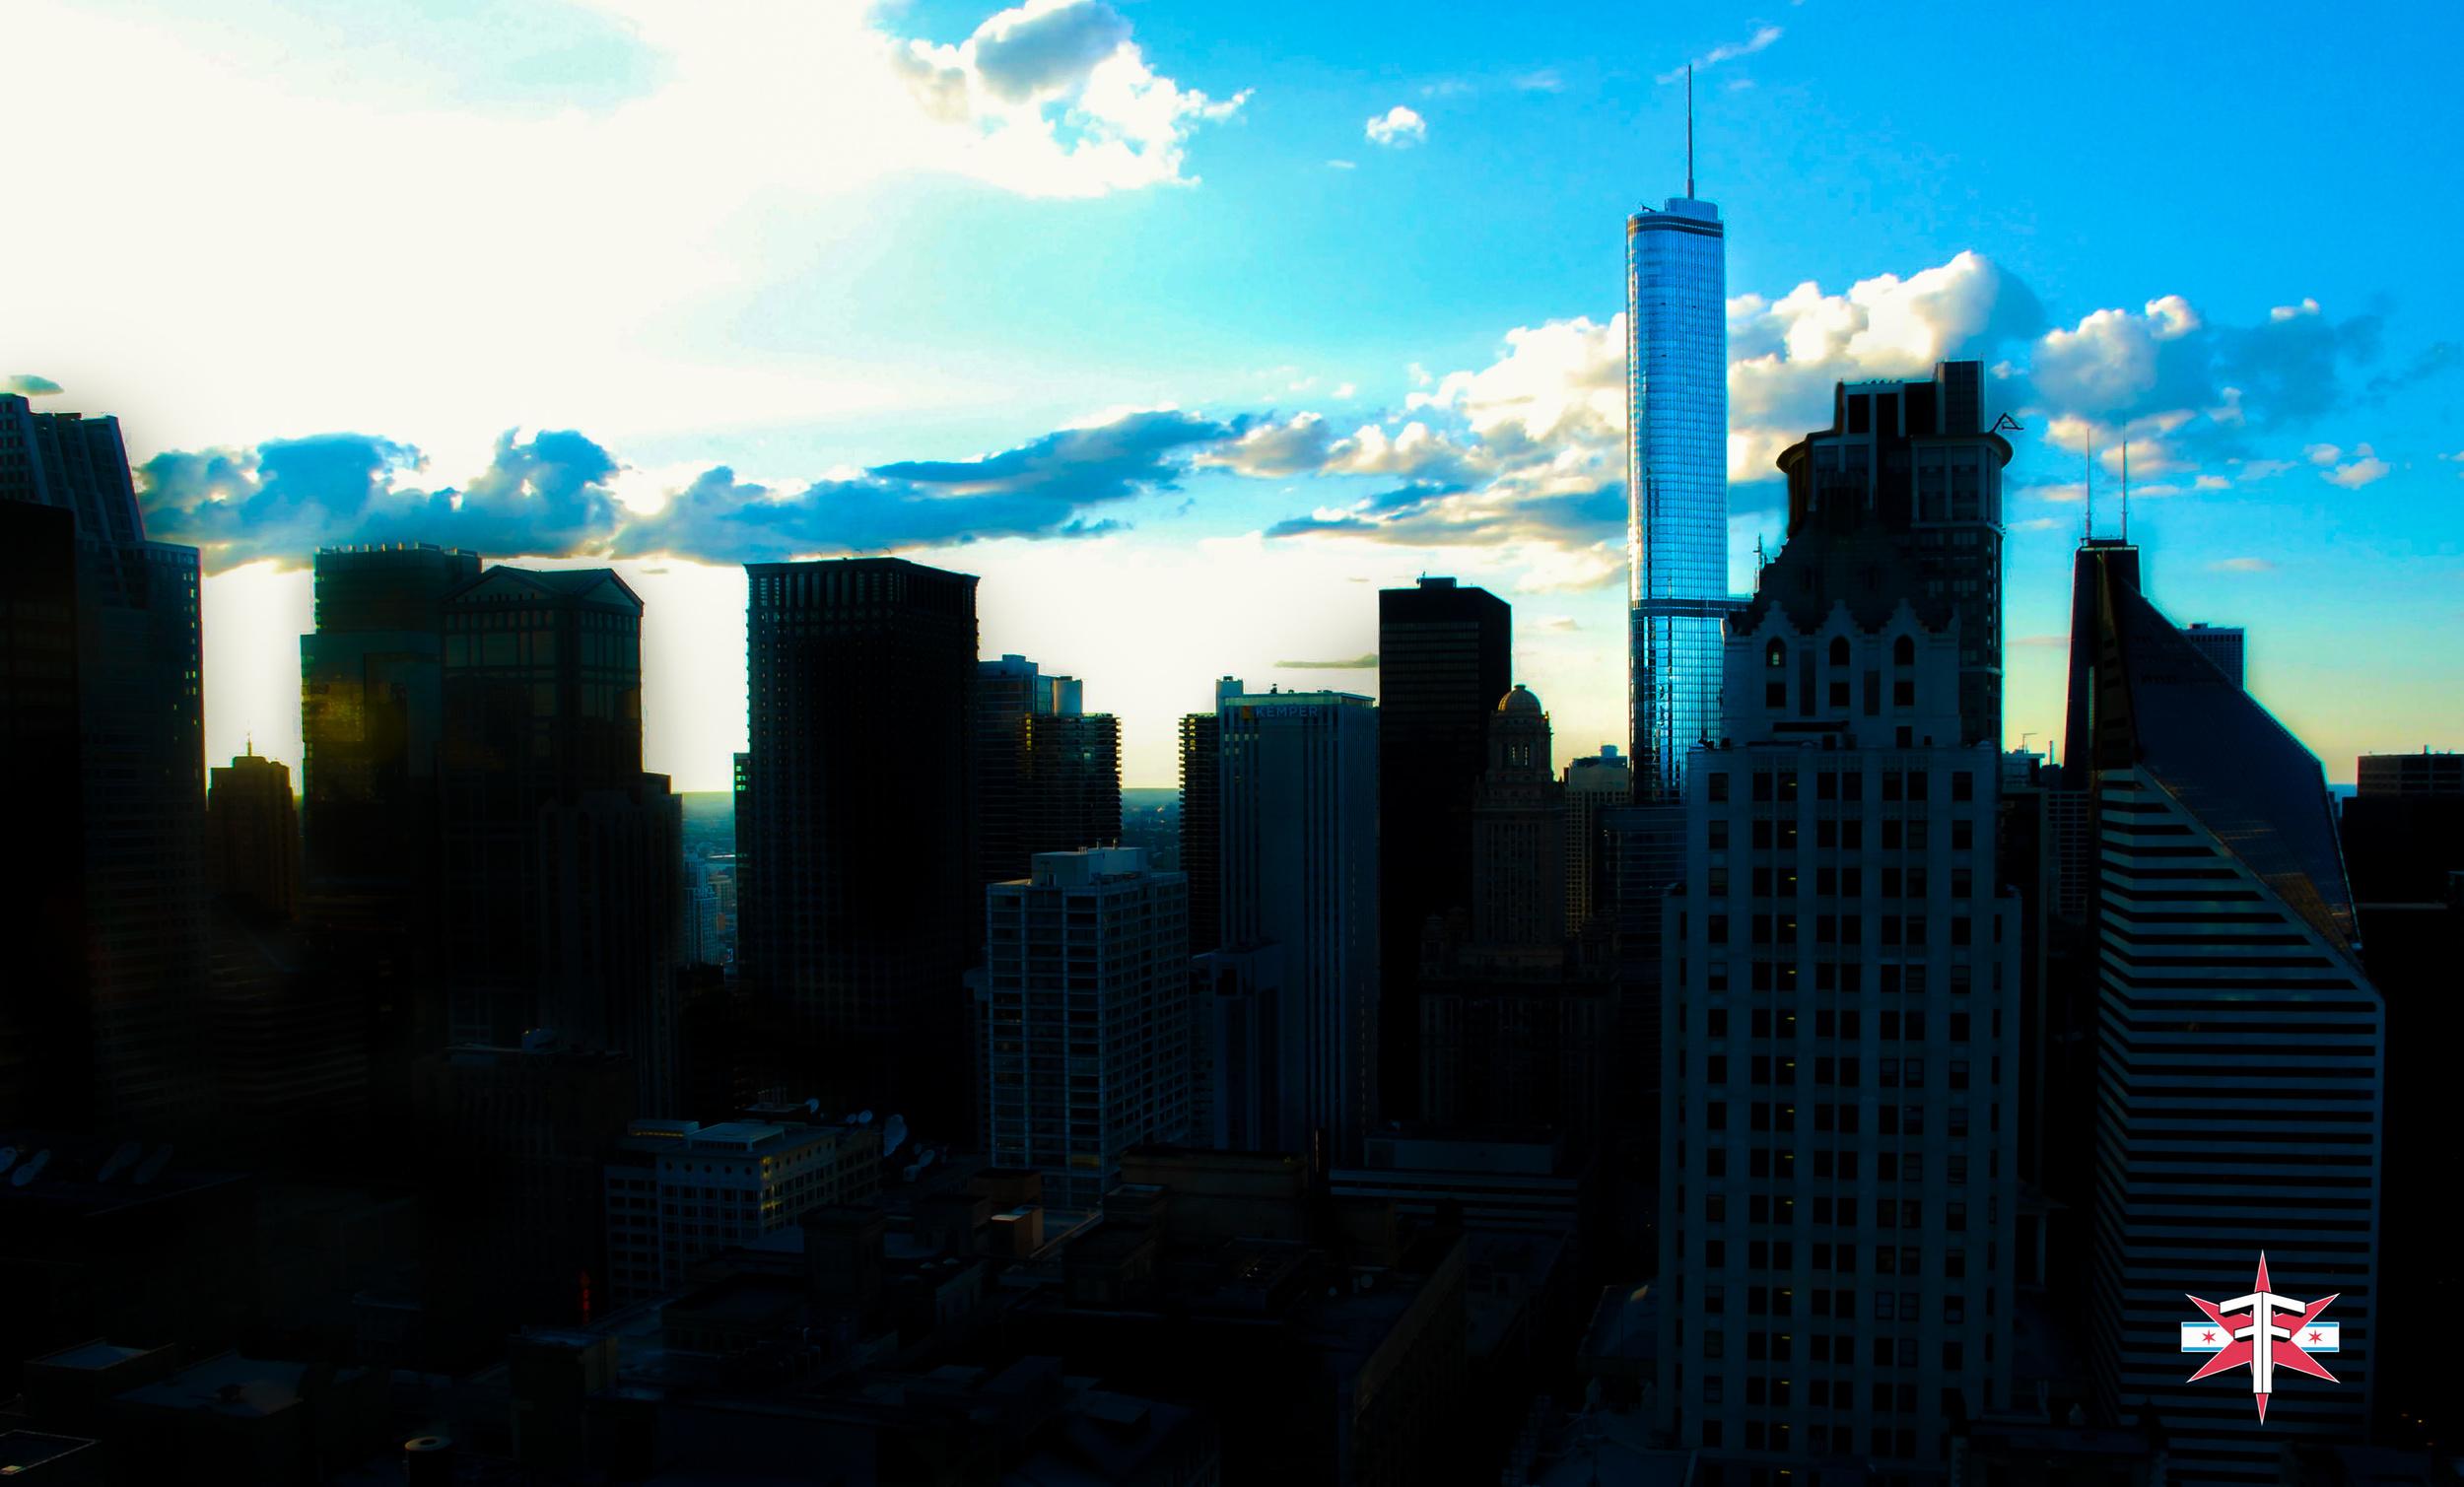 chicago art architecture eric formato photography design arquitectura architettura buildings skyscraper skyscrapers-278.jpg